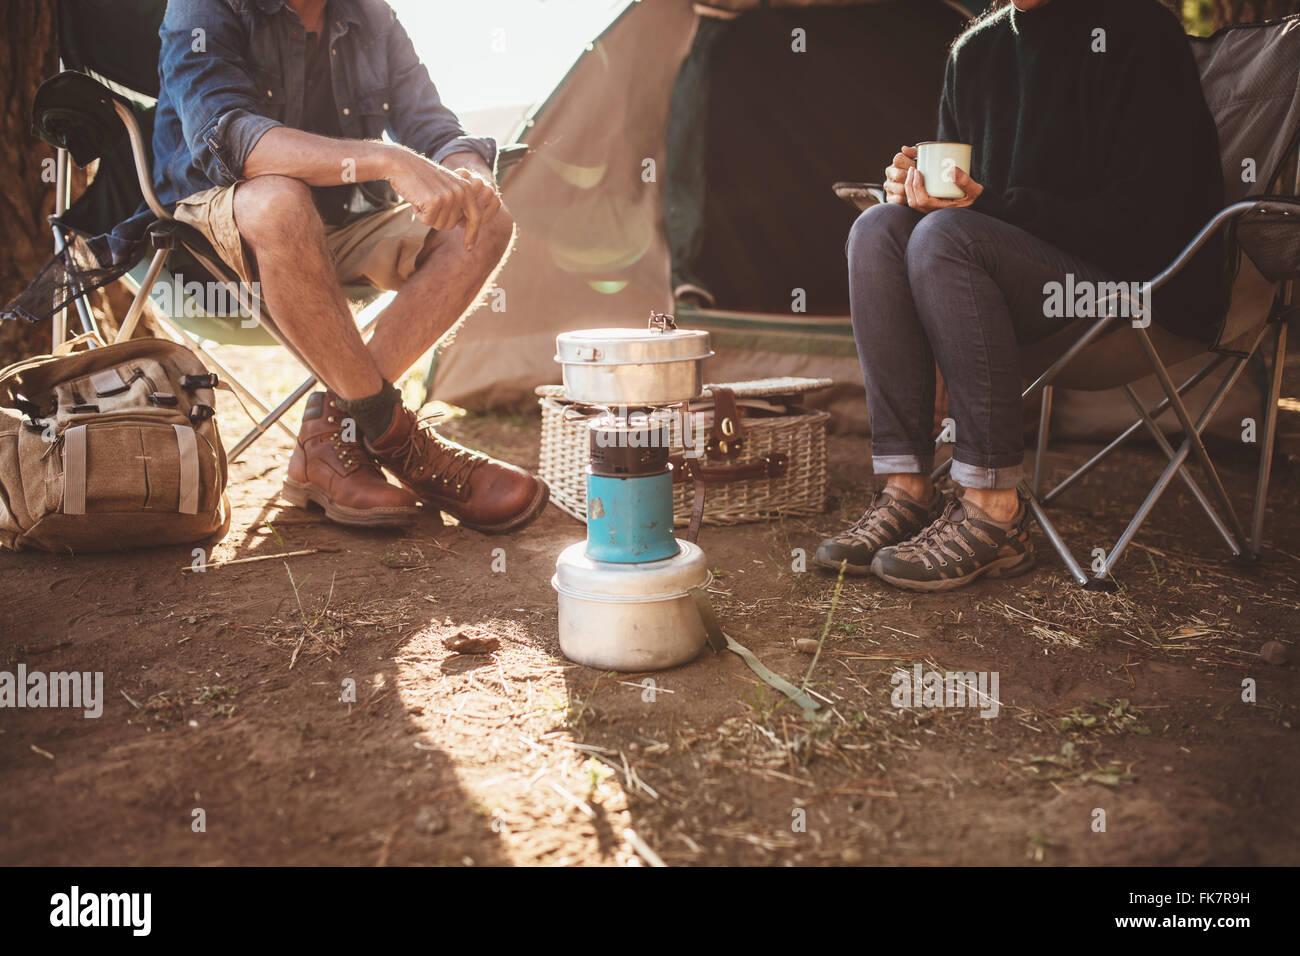 Captura recortada de pareja sentados alrededor de una estufa para acampar. Hombre y mujer sentada en una silla fuera Imagen De Stock